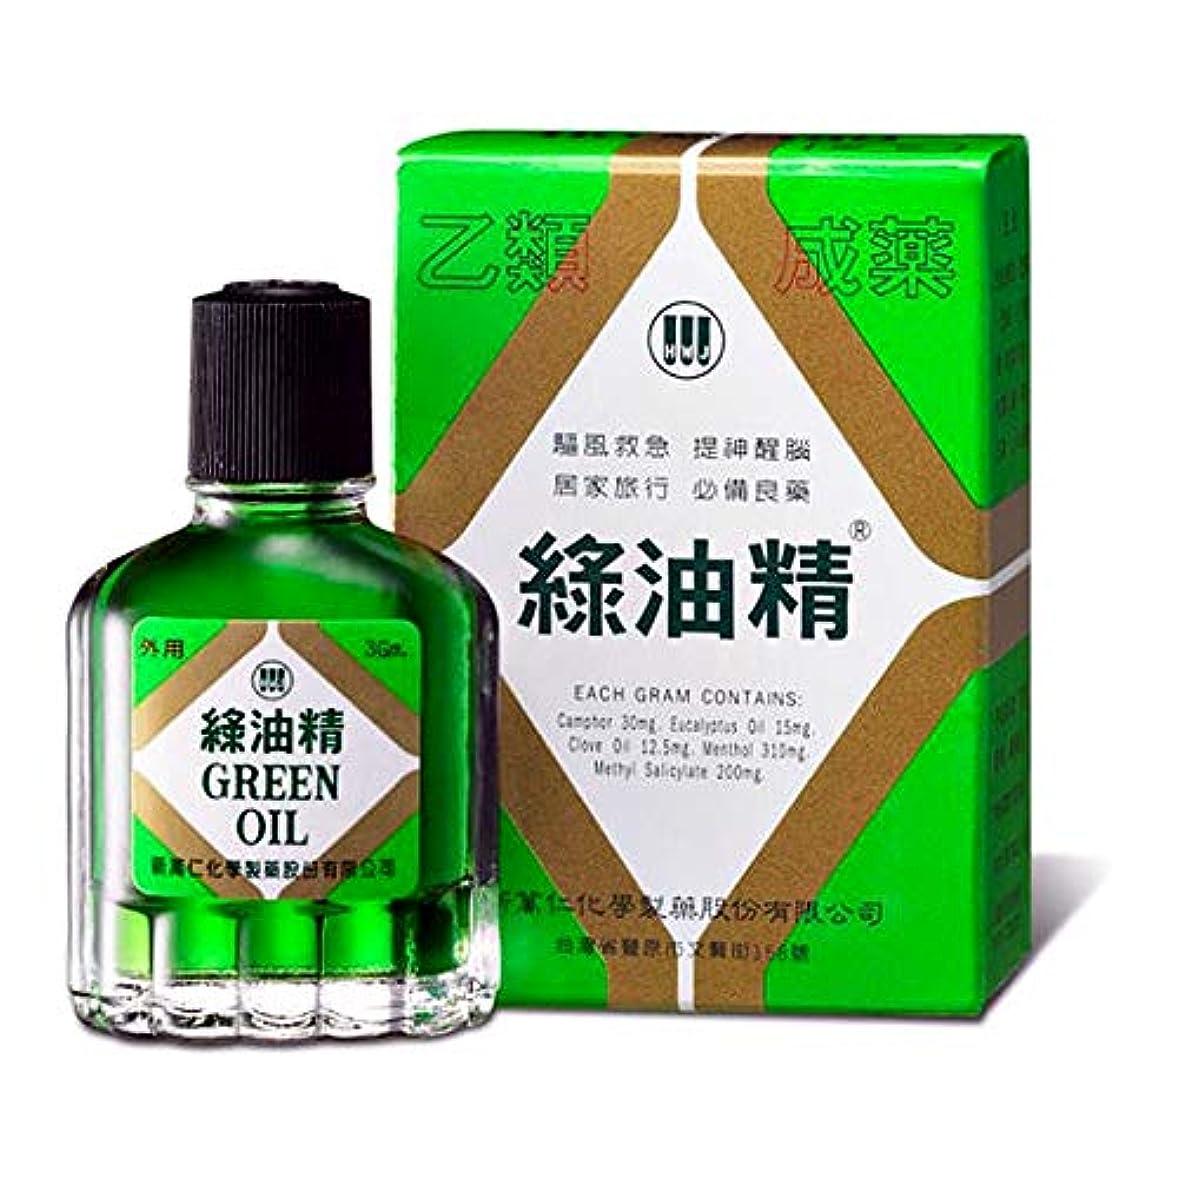 関係する材料プラットフォーム《新萬仁》台湾の万能グリーンオイル 緑油精 3g 《台湾 お土産》 [並行輸入品]